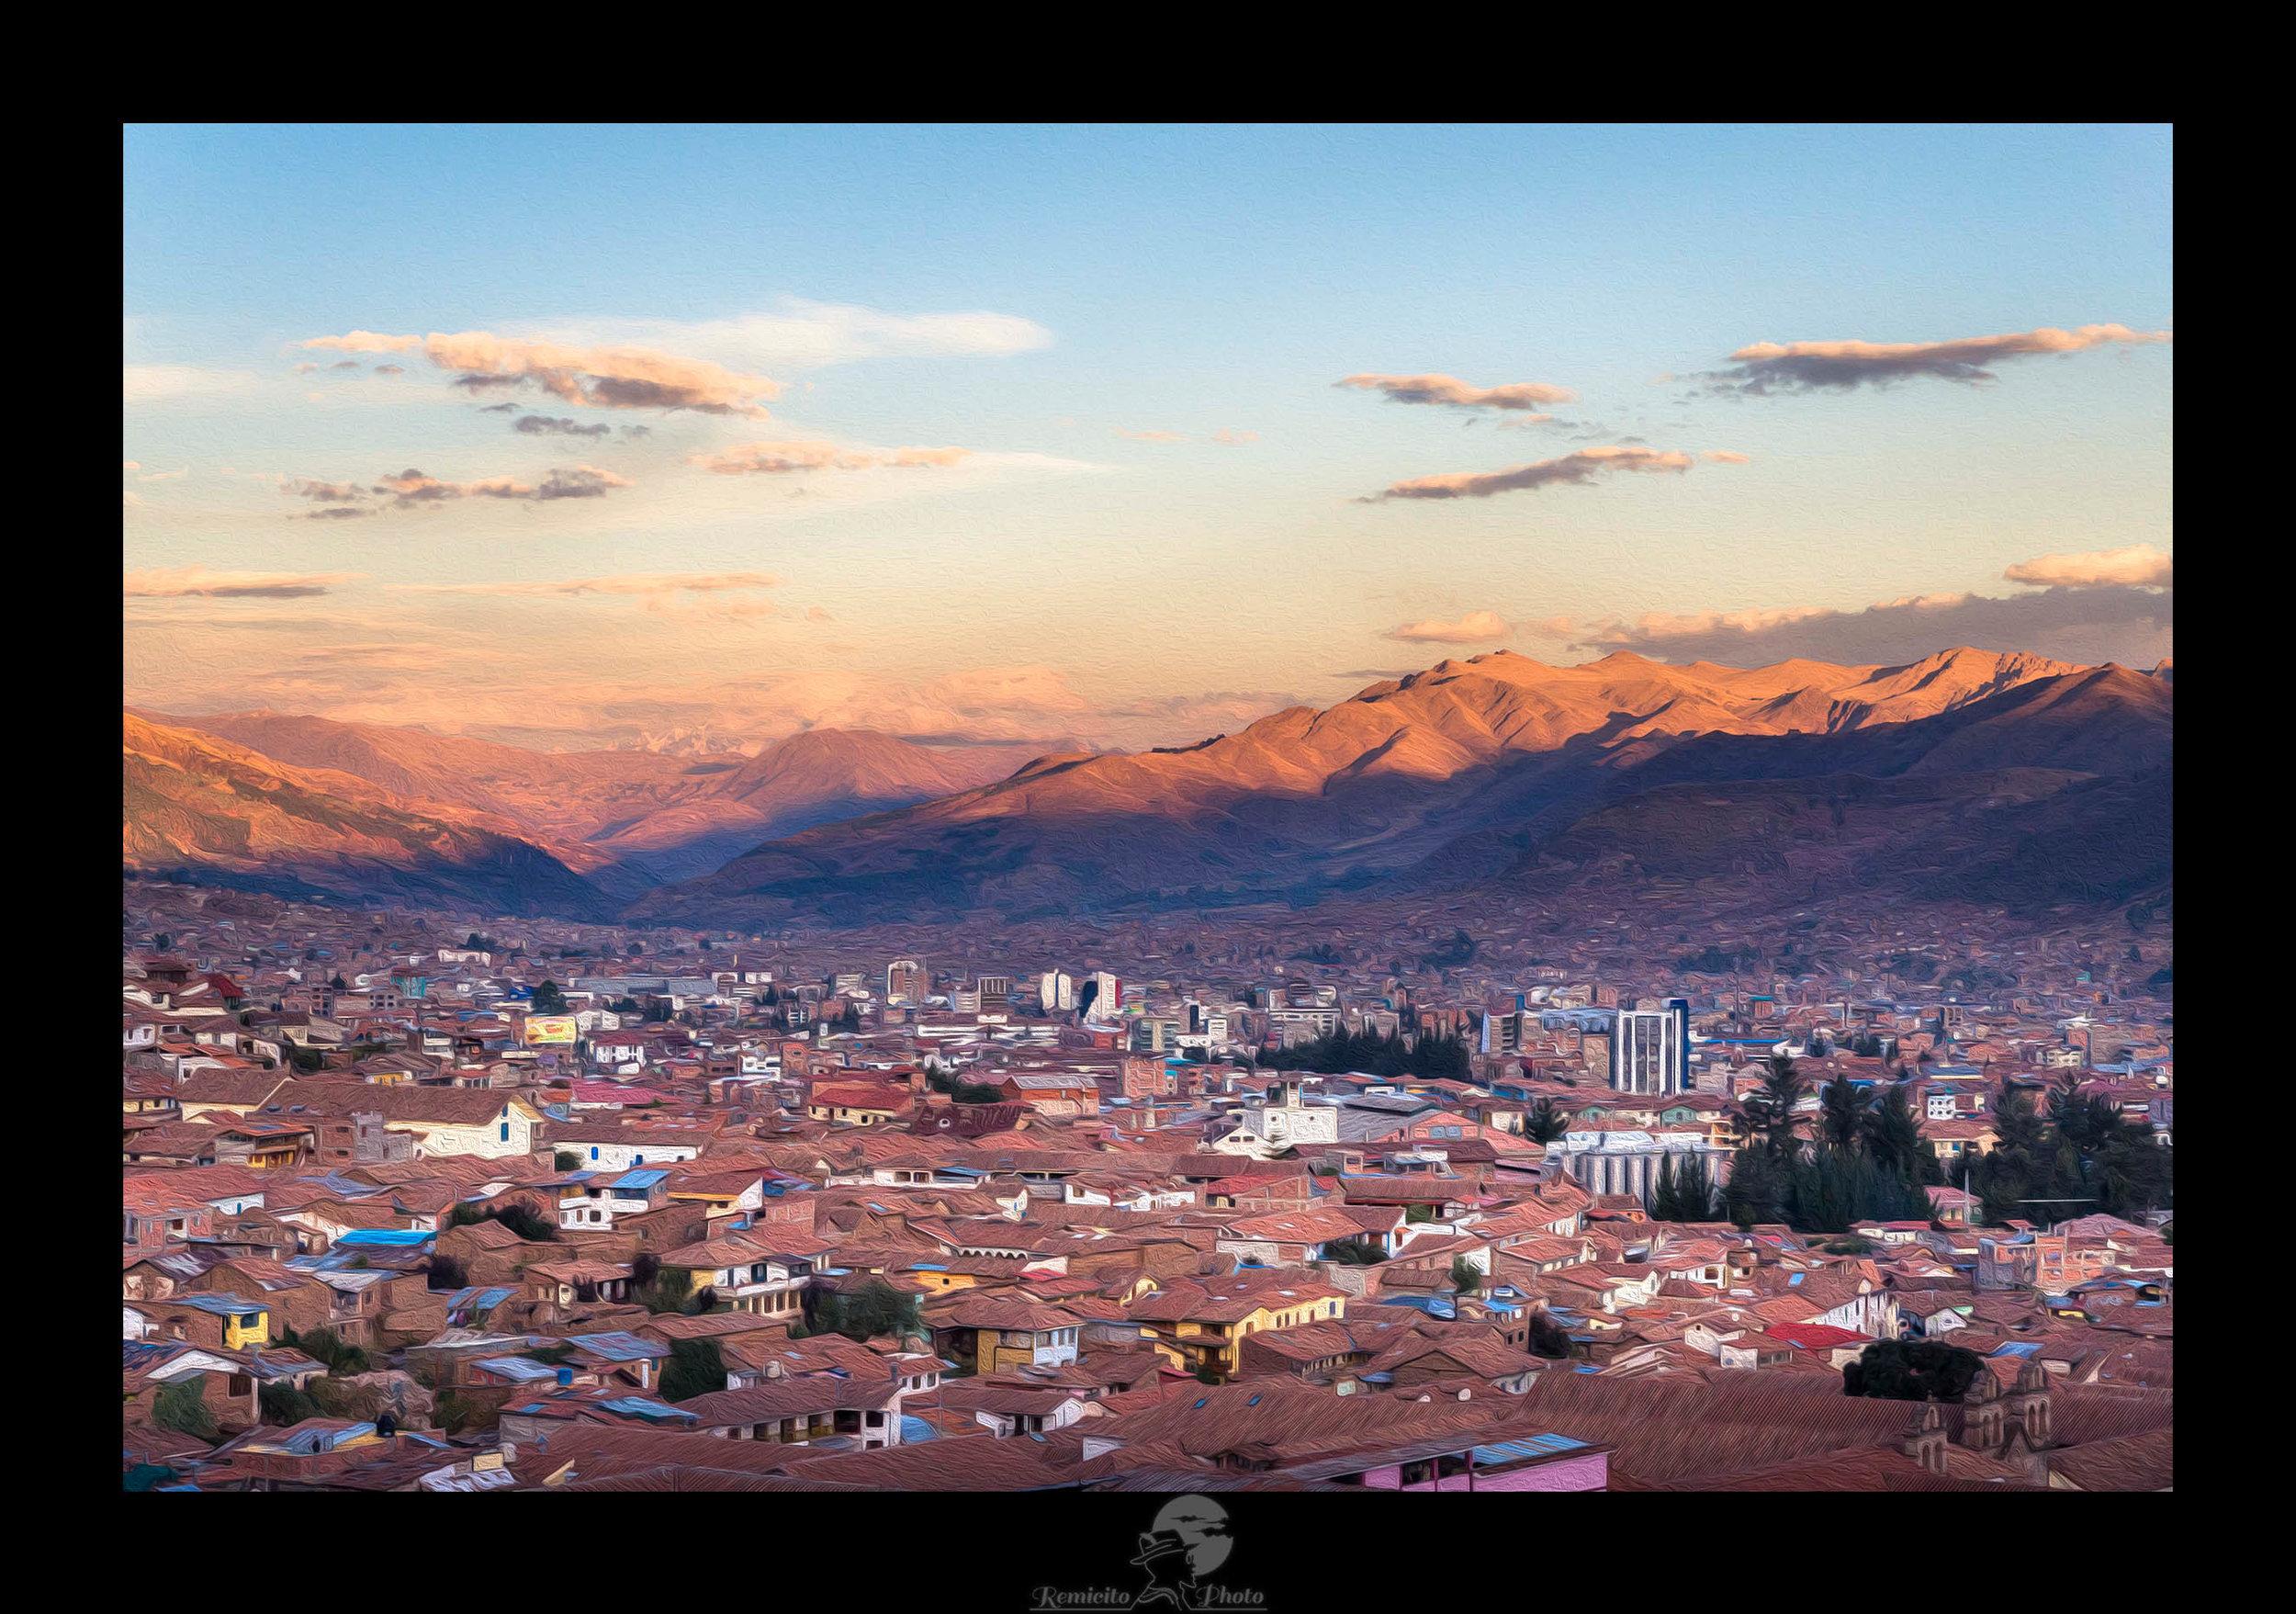 remicito photo, image du jour, photo du jour, photo of the day, cuzco, photo Pérou, photo Cuzco Pérou, Cuzco Peru, photo coucher de soleil, sunset photography, photo voyage peru, photographe français, french photographer, paintography